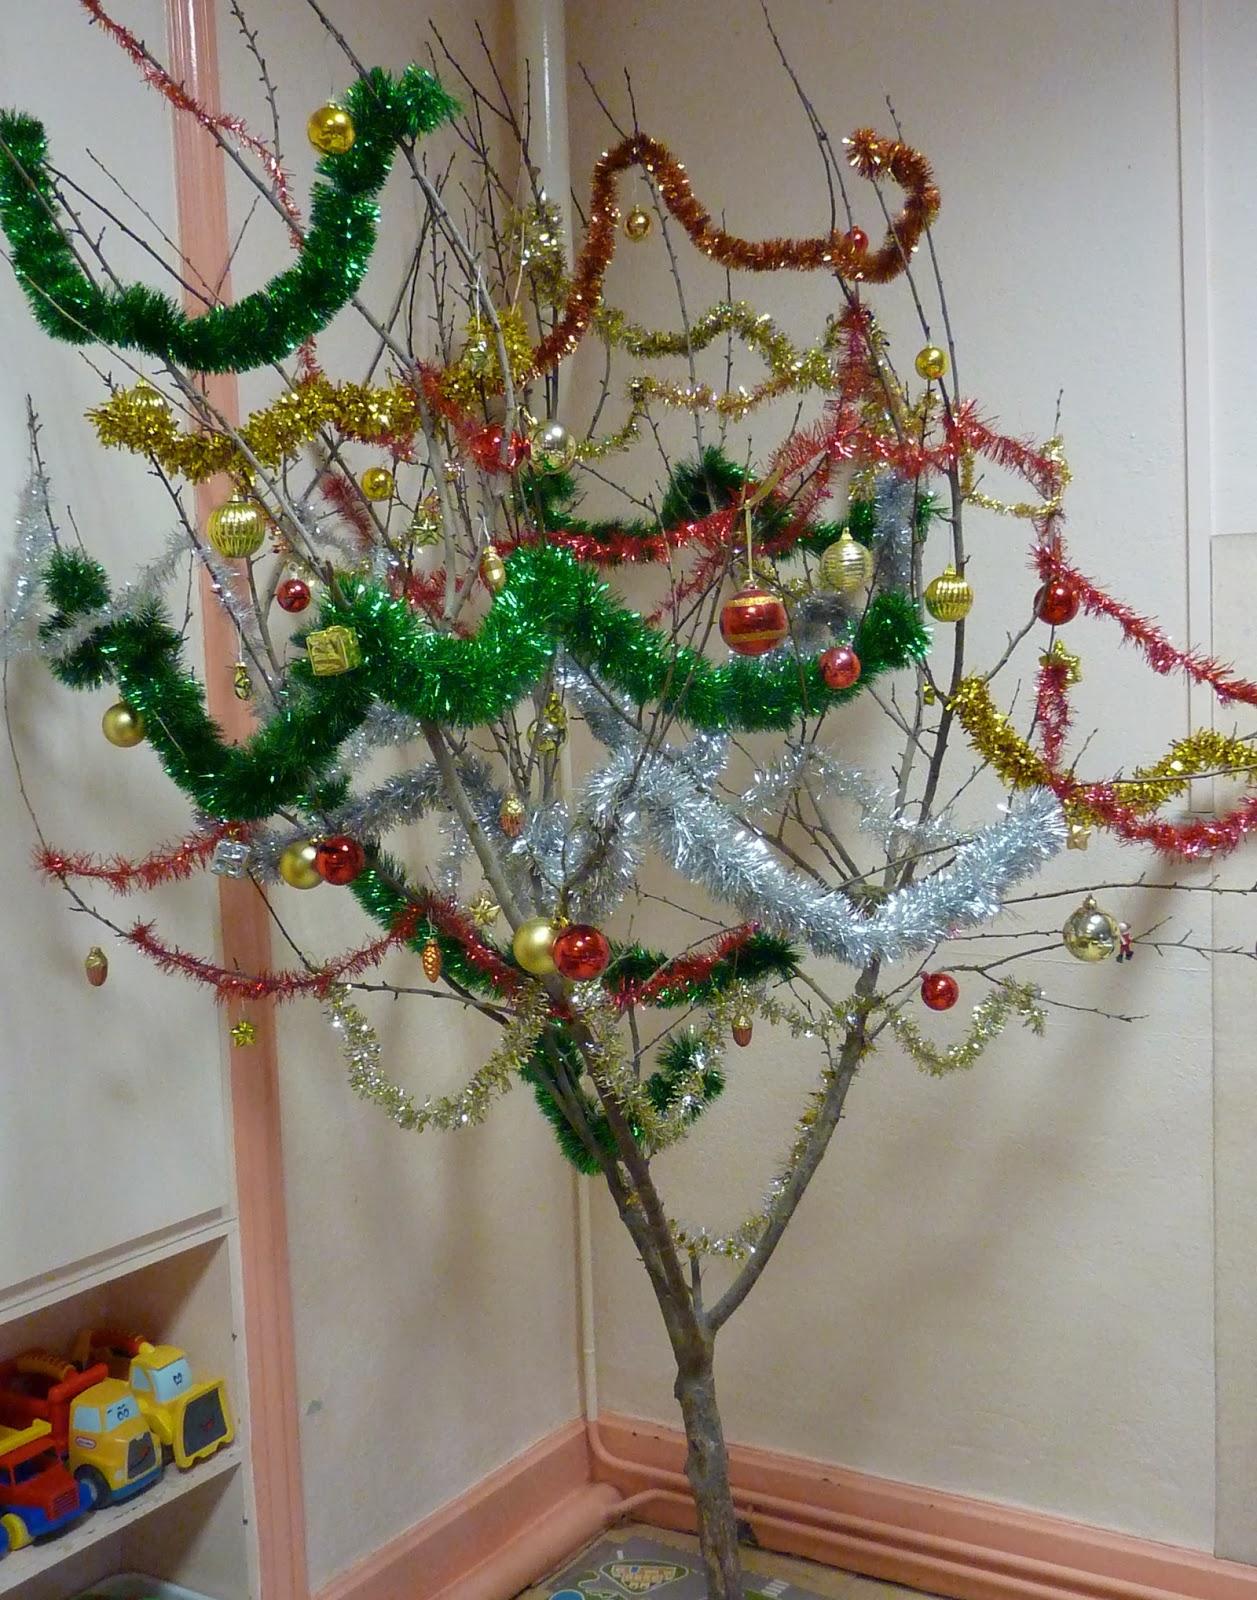 #6E3E2C Ecole Ste Marie: Les TPS PS MS Préparent Noël 6075 décoration de noel tps/ps 1257x1600 px @ aertt.com